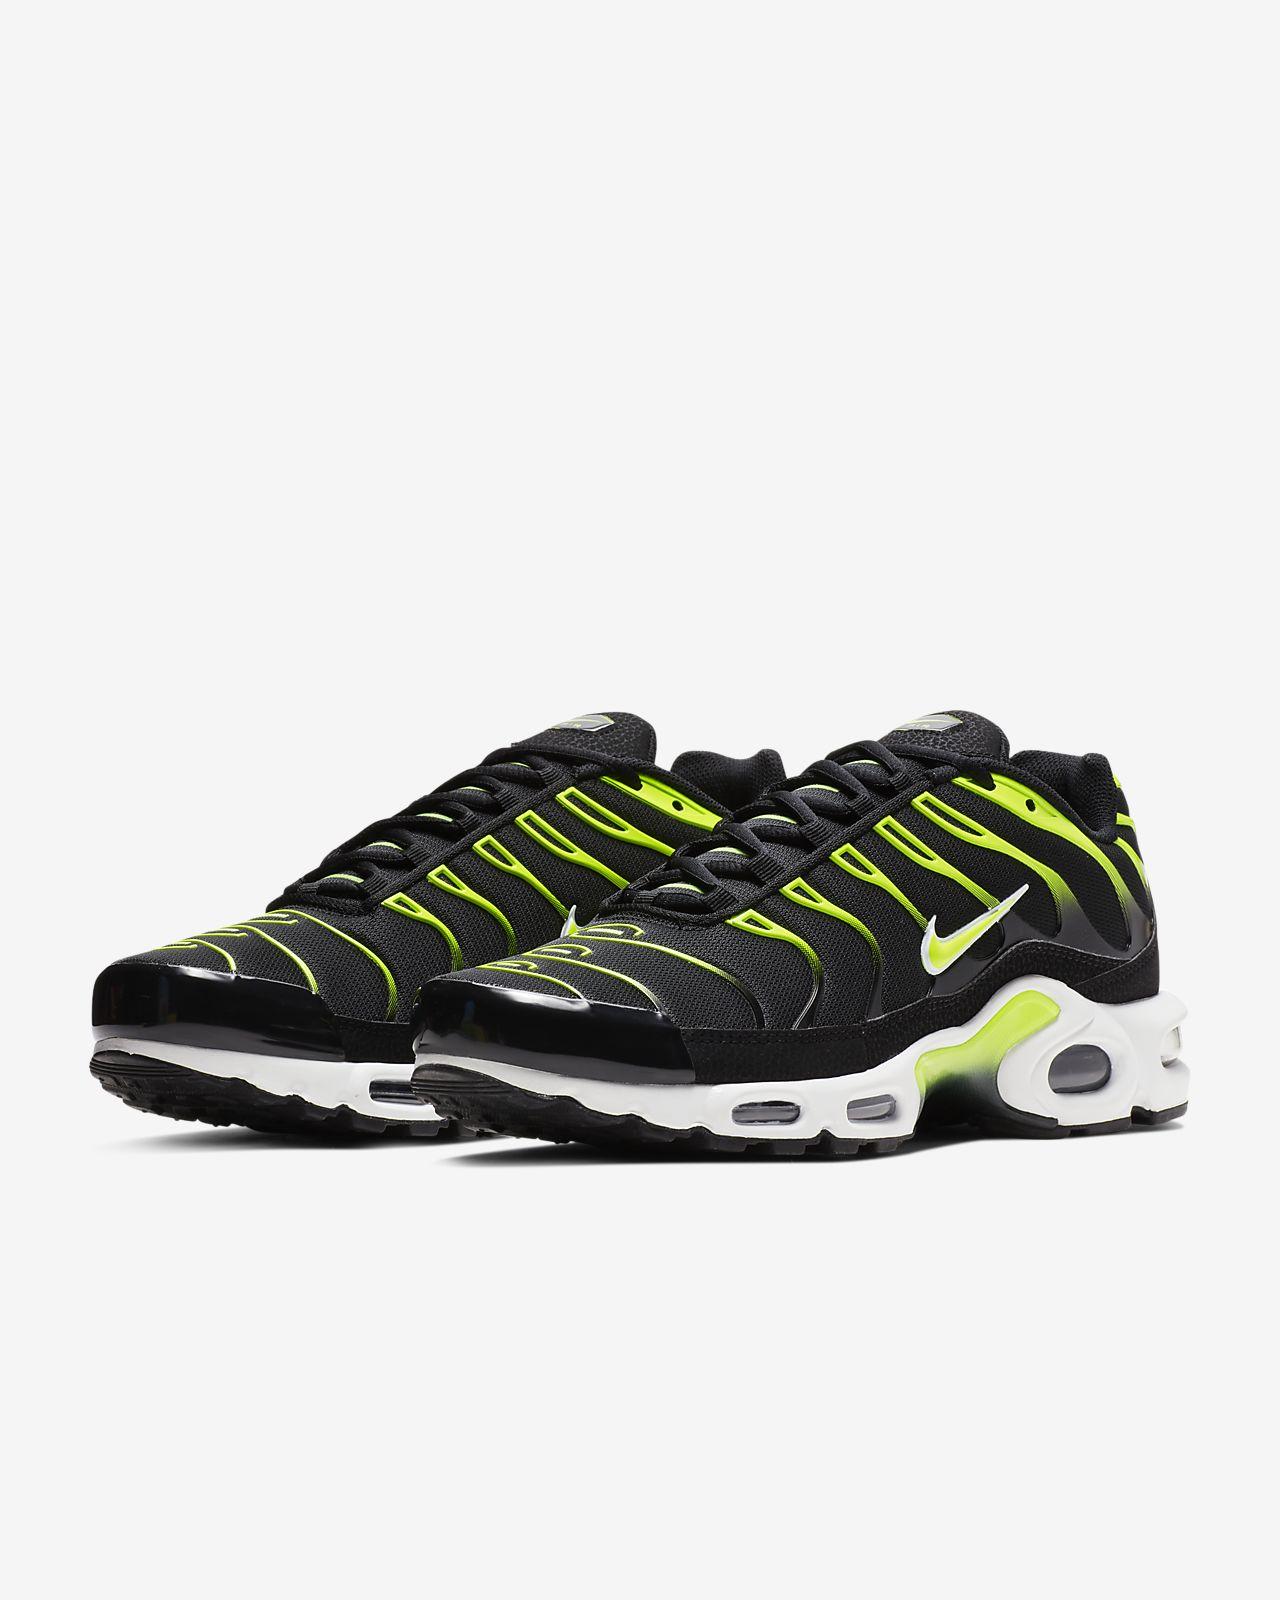 wholesale dealer 06d45 8db86 ... Chaussure Nike Air Max Plus pour Homme